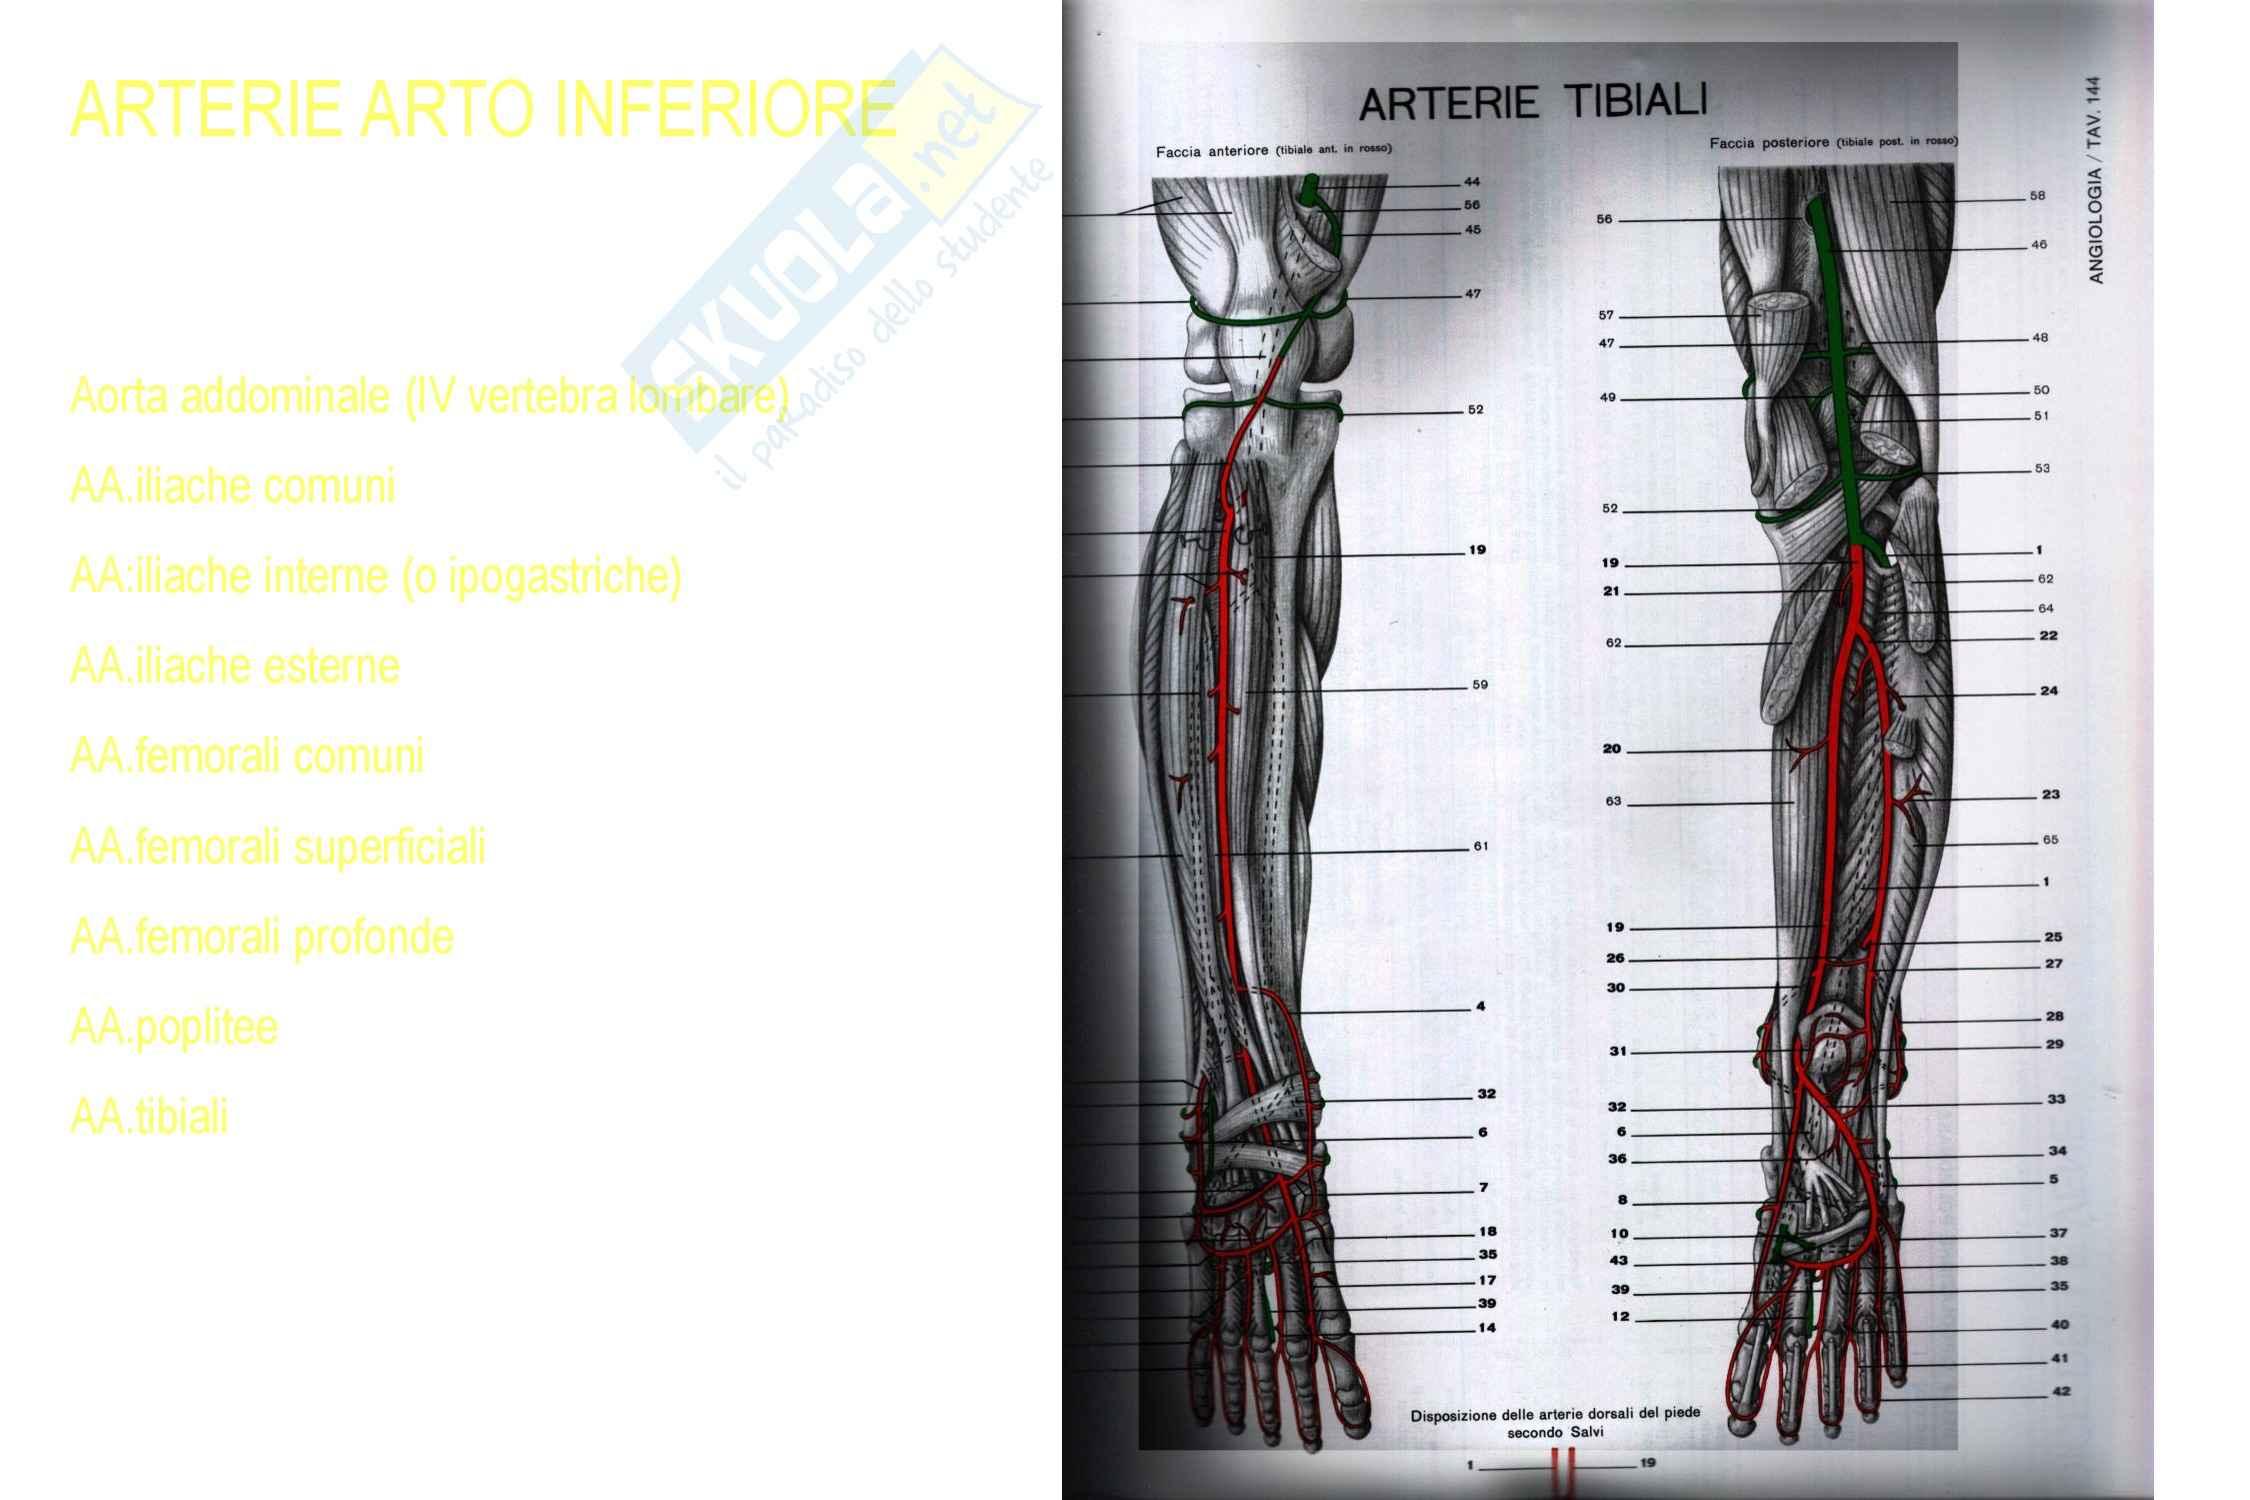 Cardiochirurgia - arteriopatia cronica ostruttiva arti inferiori Pag. 6